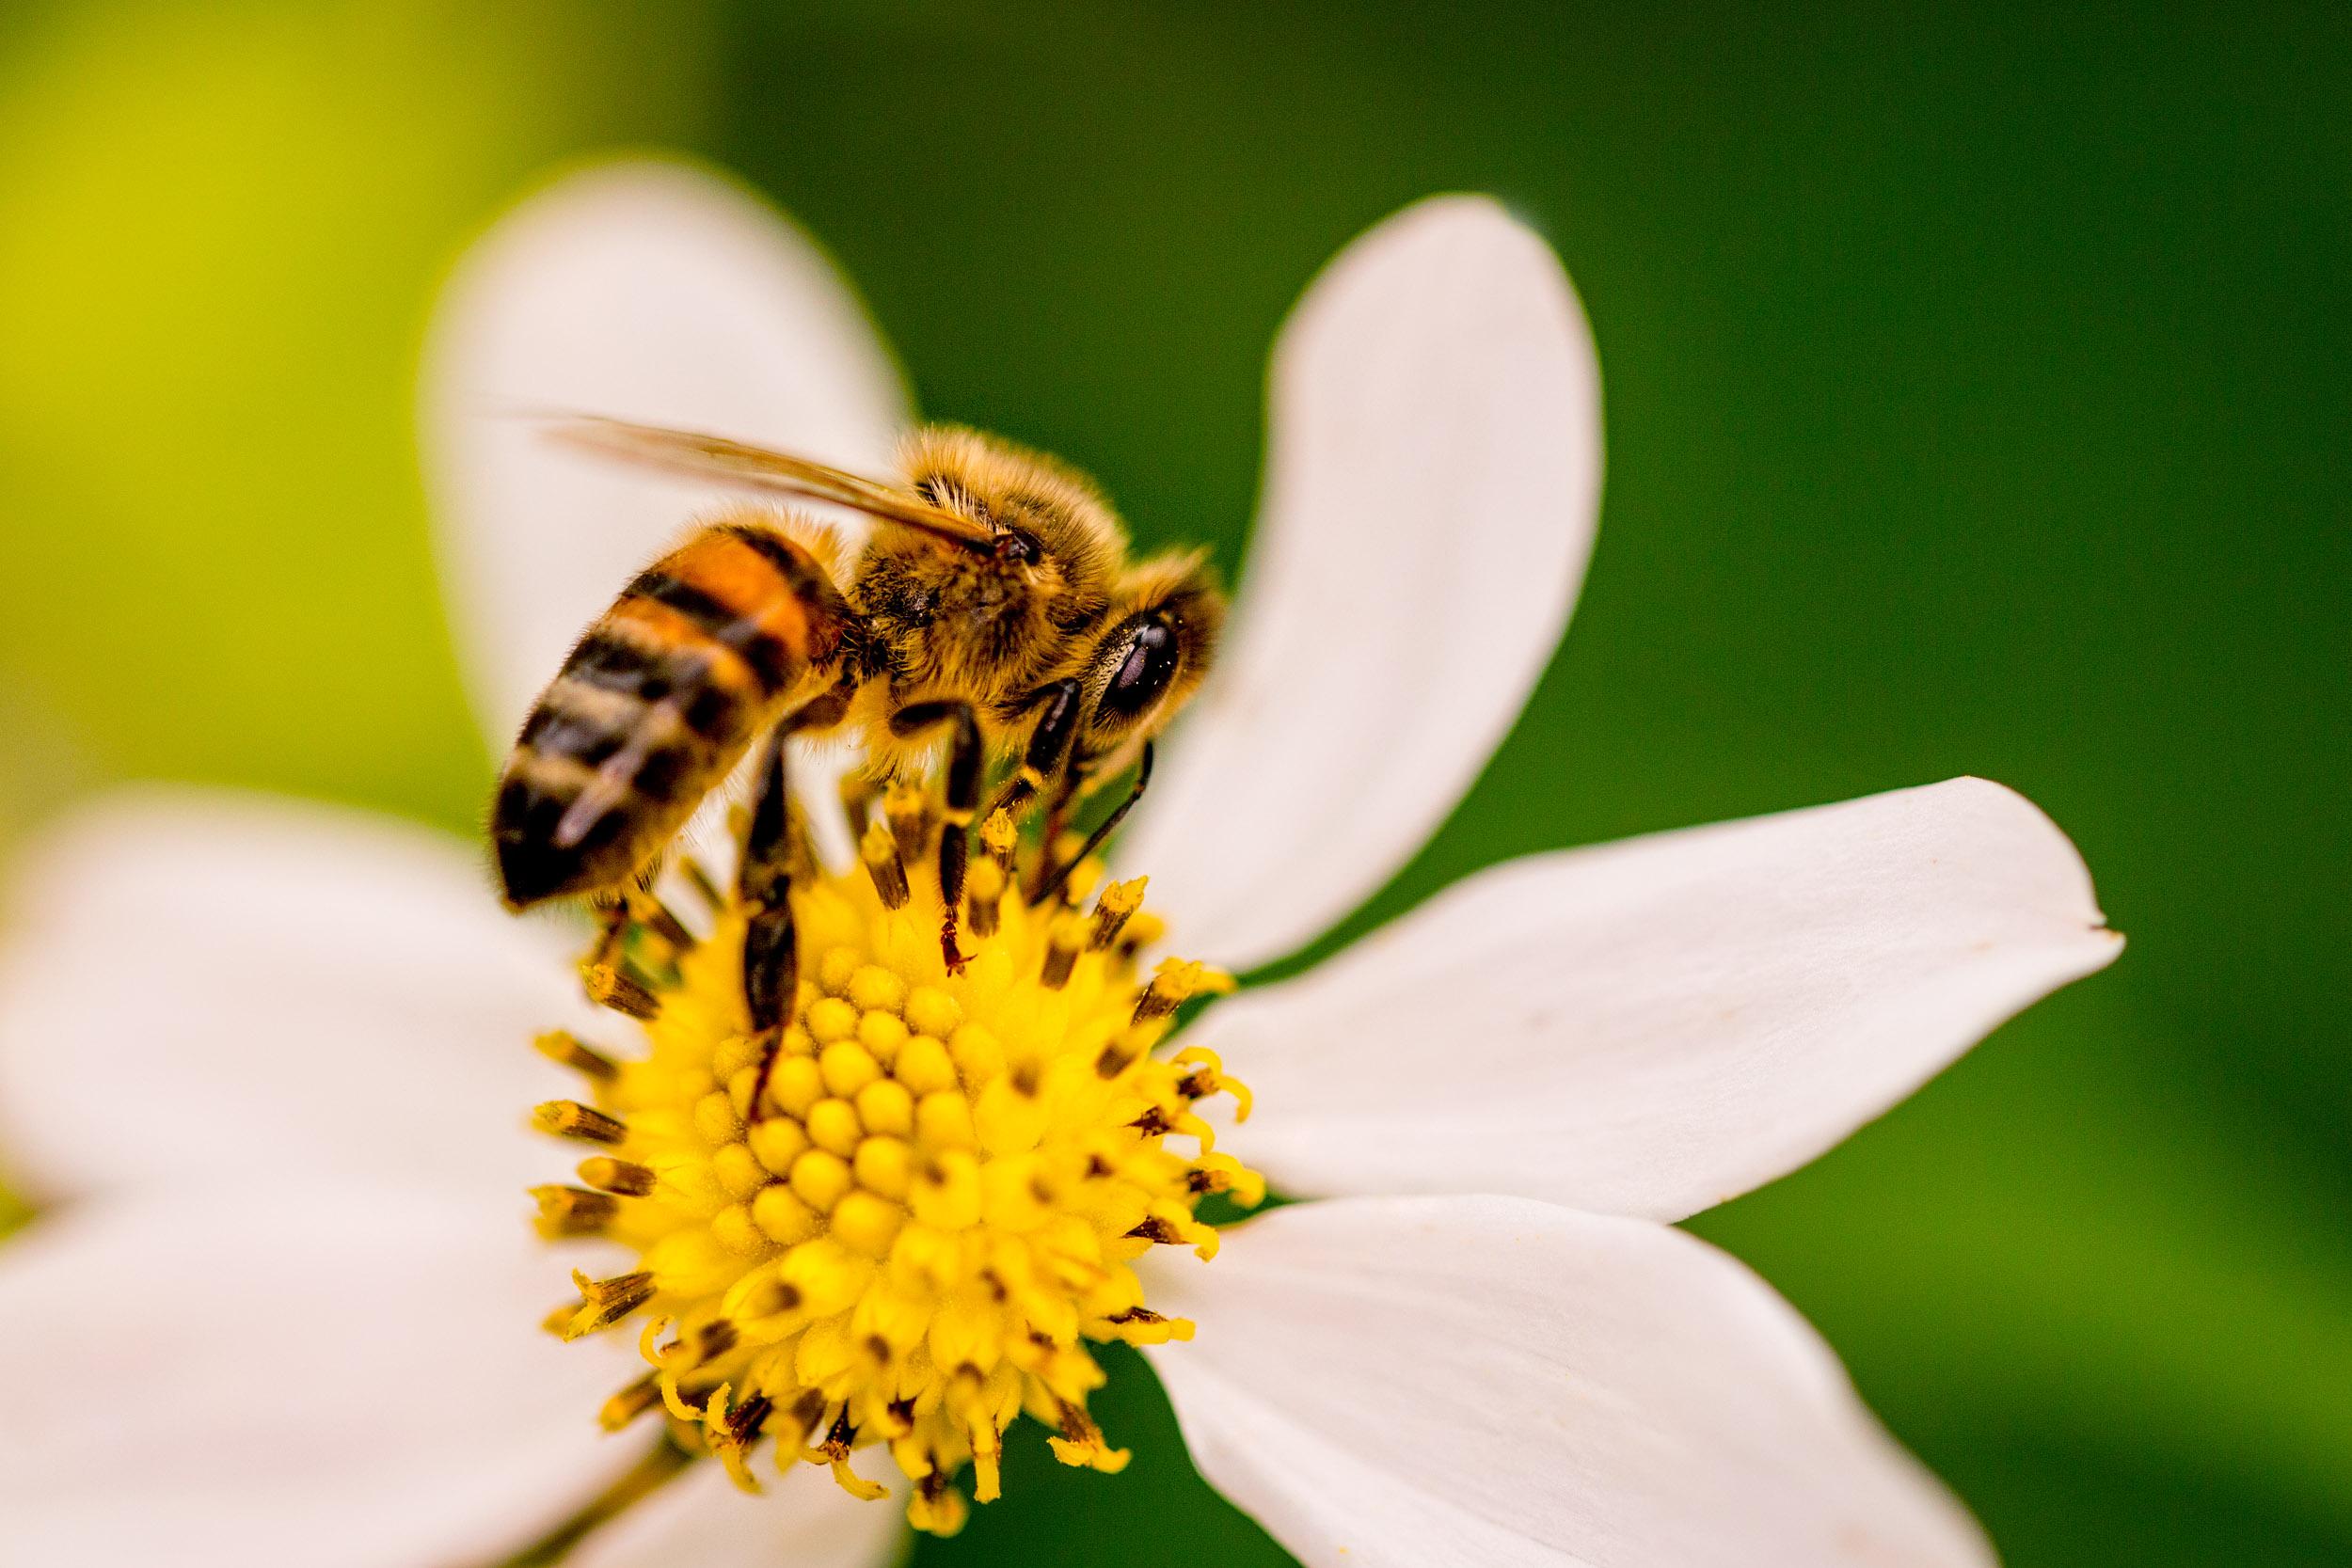 bee-macro-photography.jpg